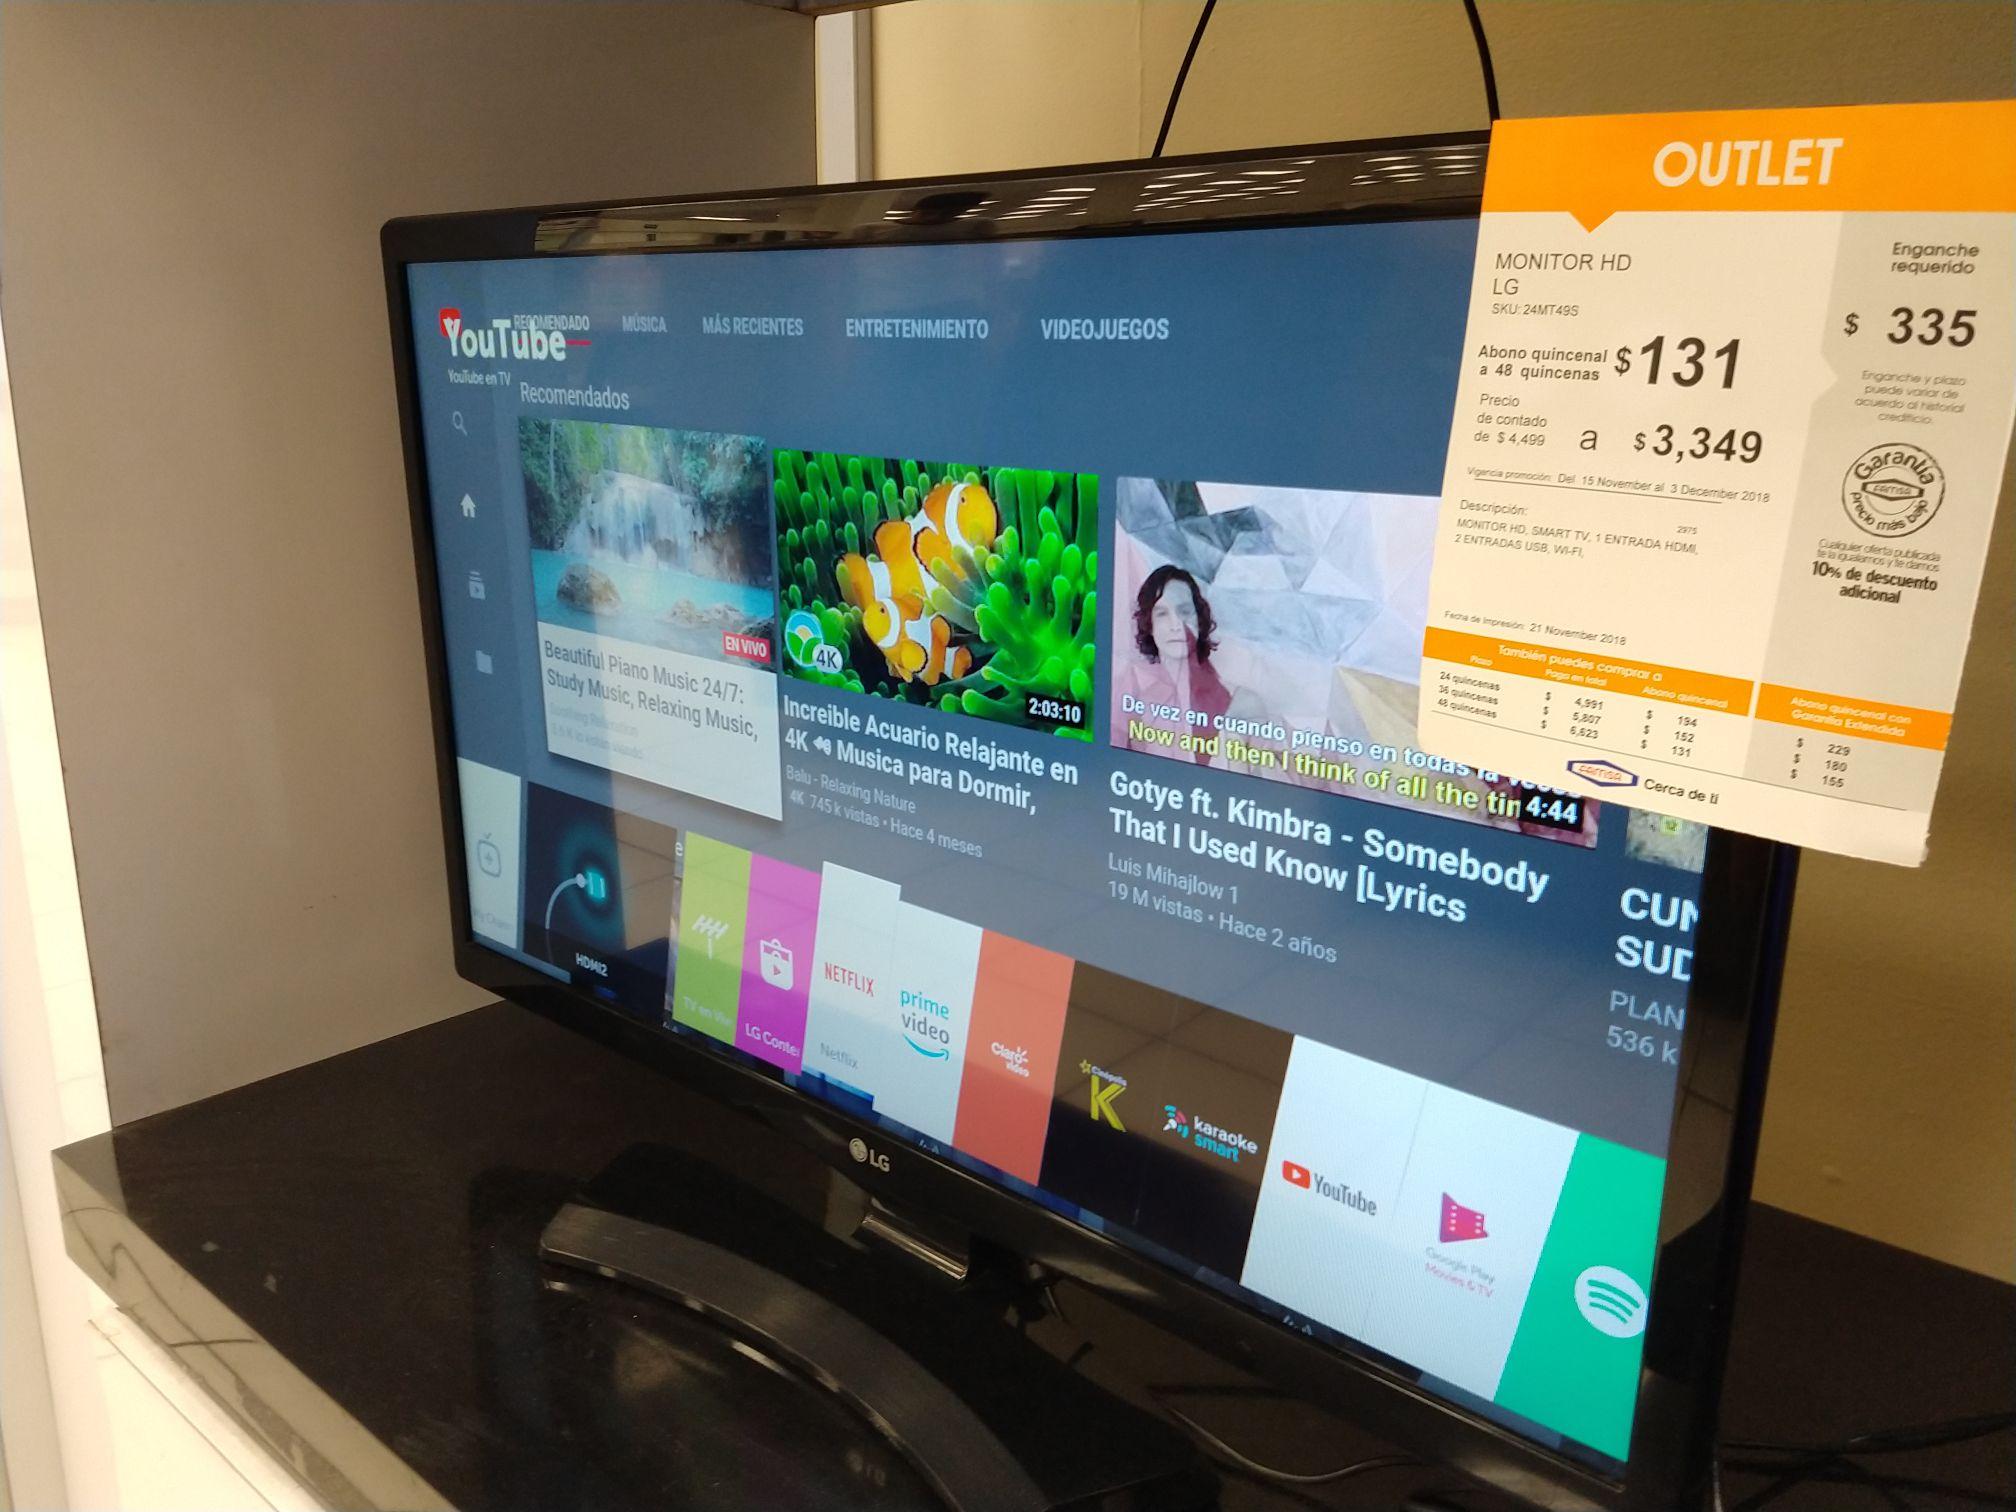 FAMSA: 2 en 1 Monitor y SmartTV de 24 pulgadas LG